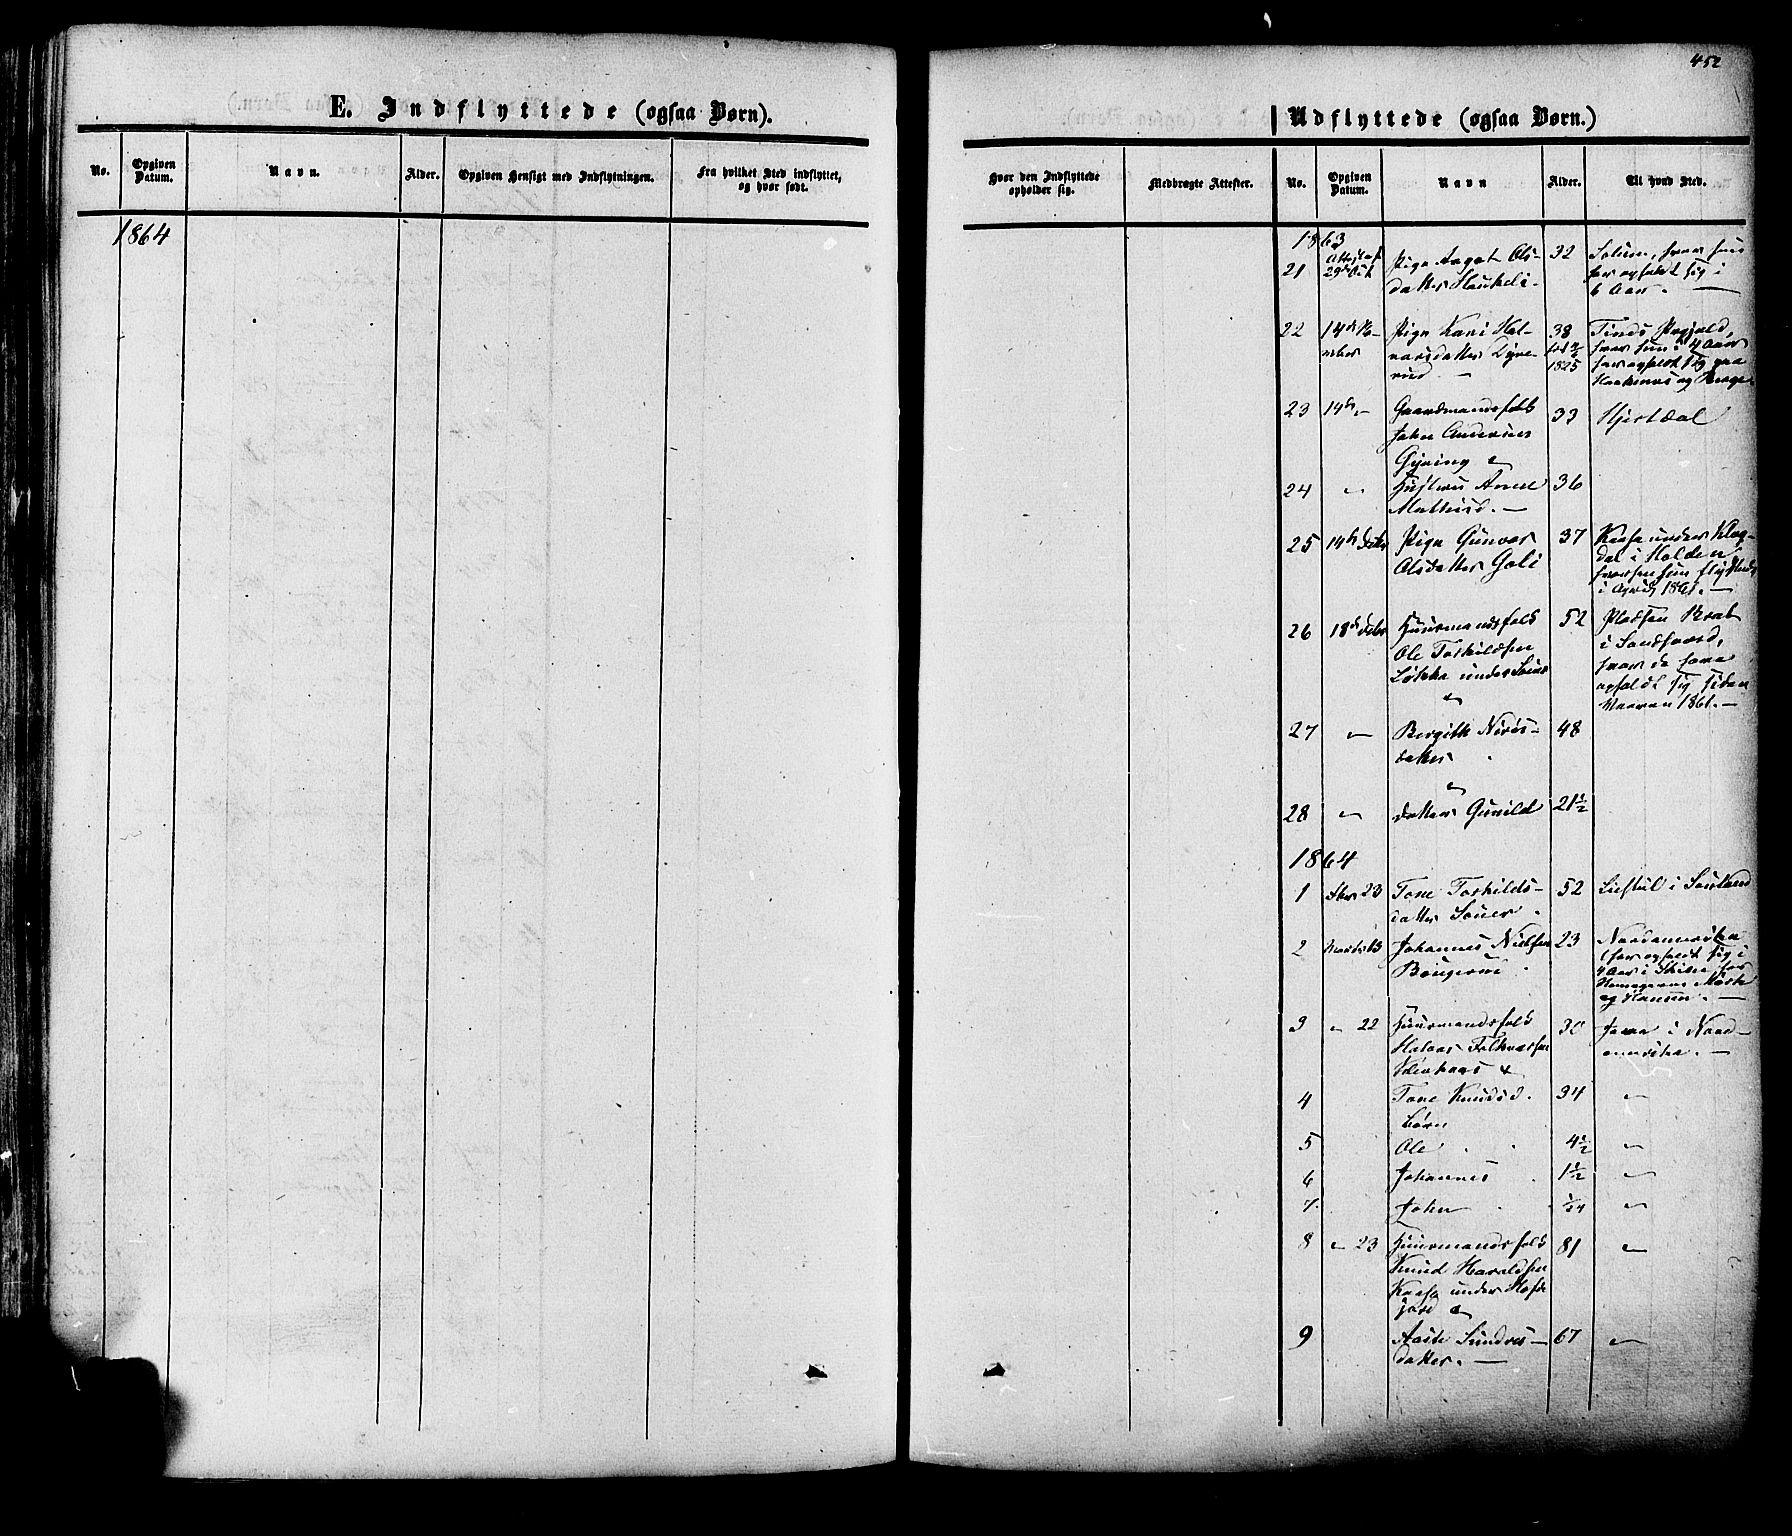 SAKO, Heddal kirkebøker, F/Fa/L0007: Ministerialbok nr. I 7, 1855-1877, s. 452